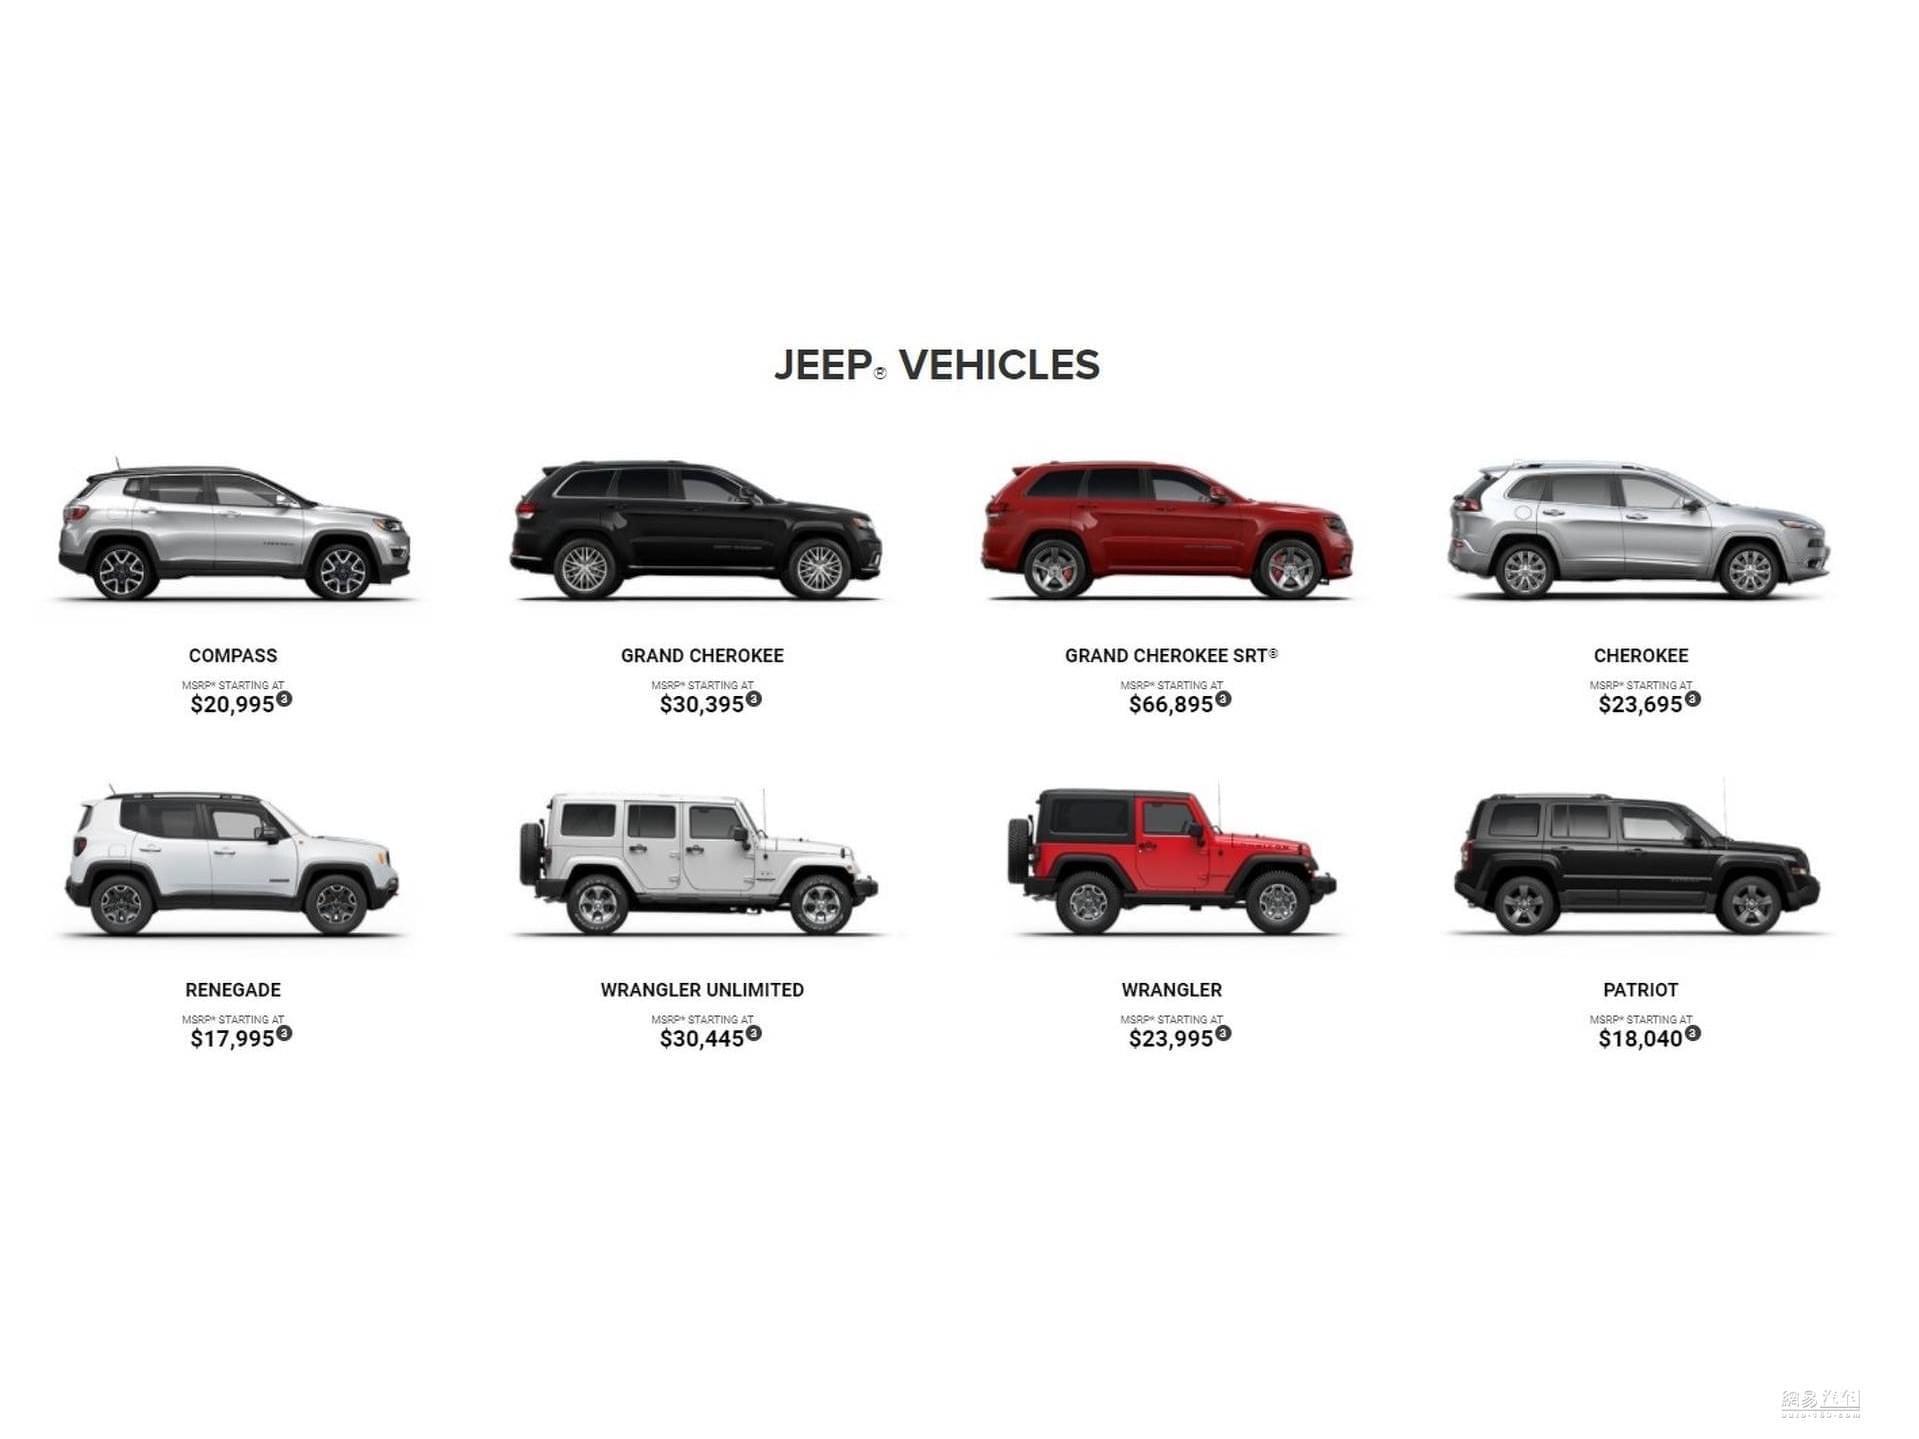 起售价上涨 全新一代Jeep牧马人售价泄露